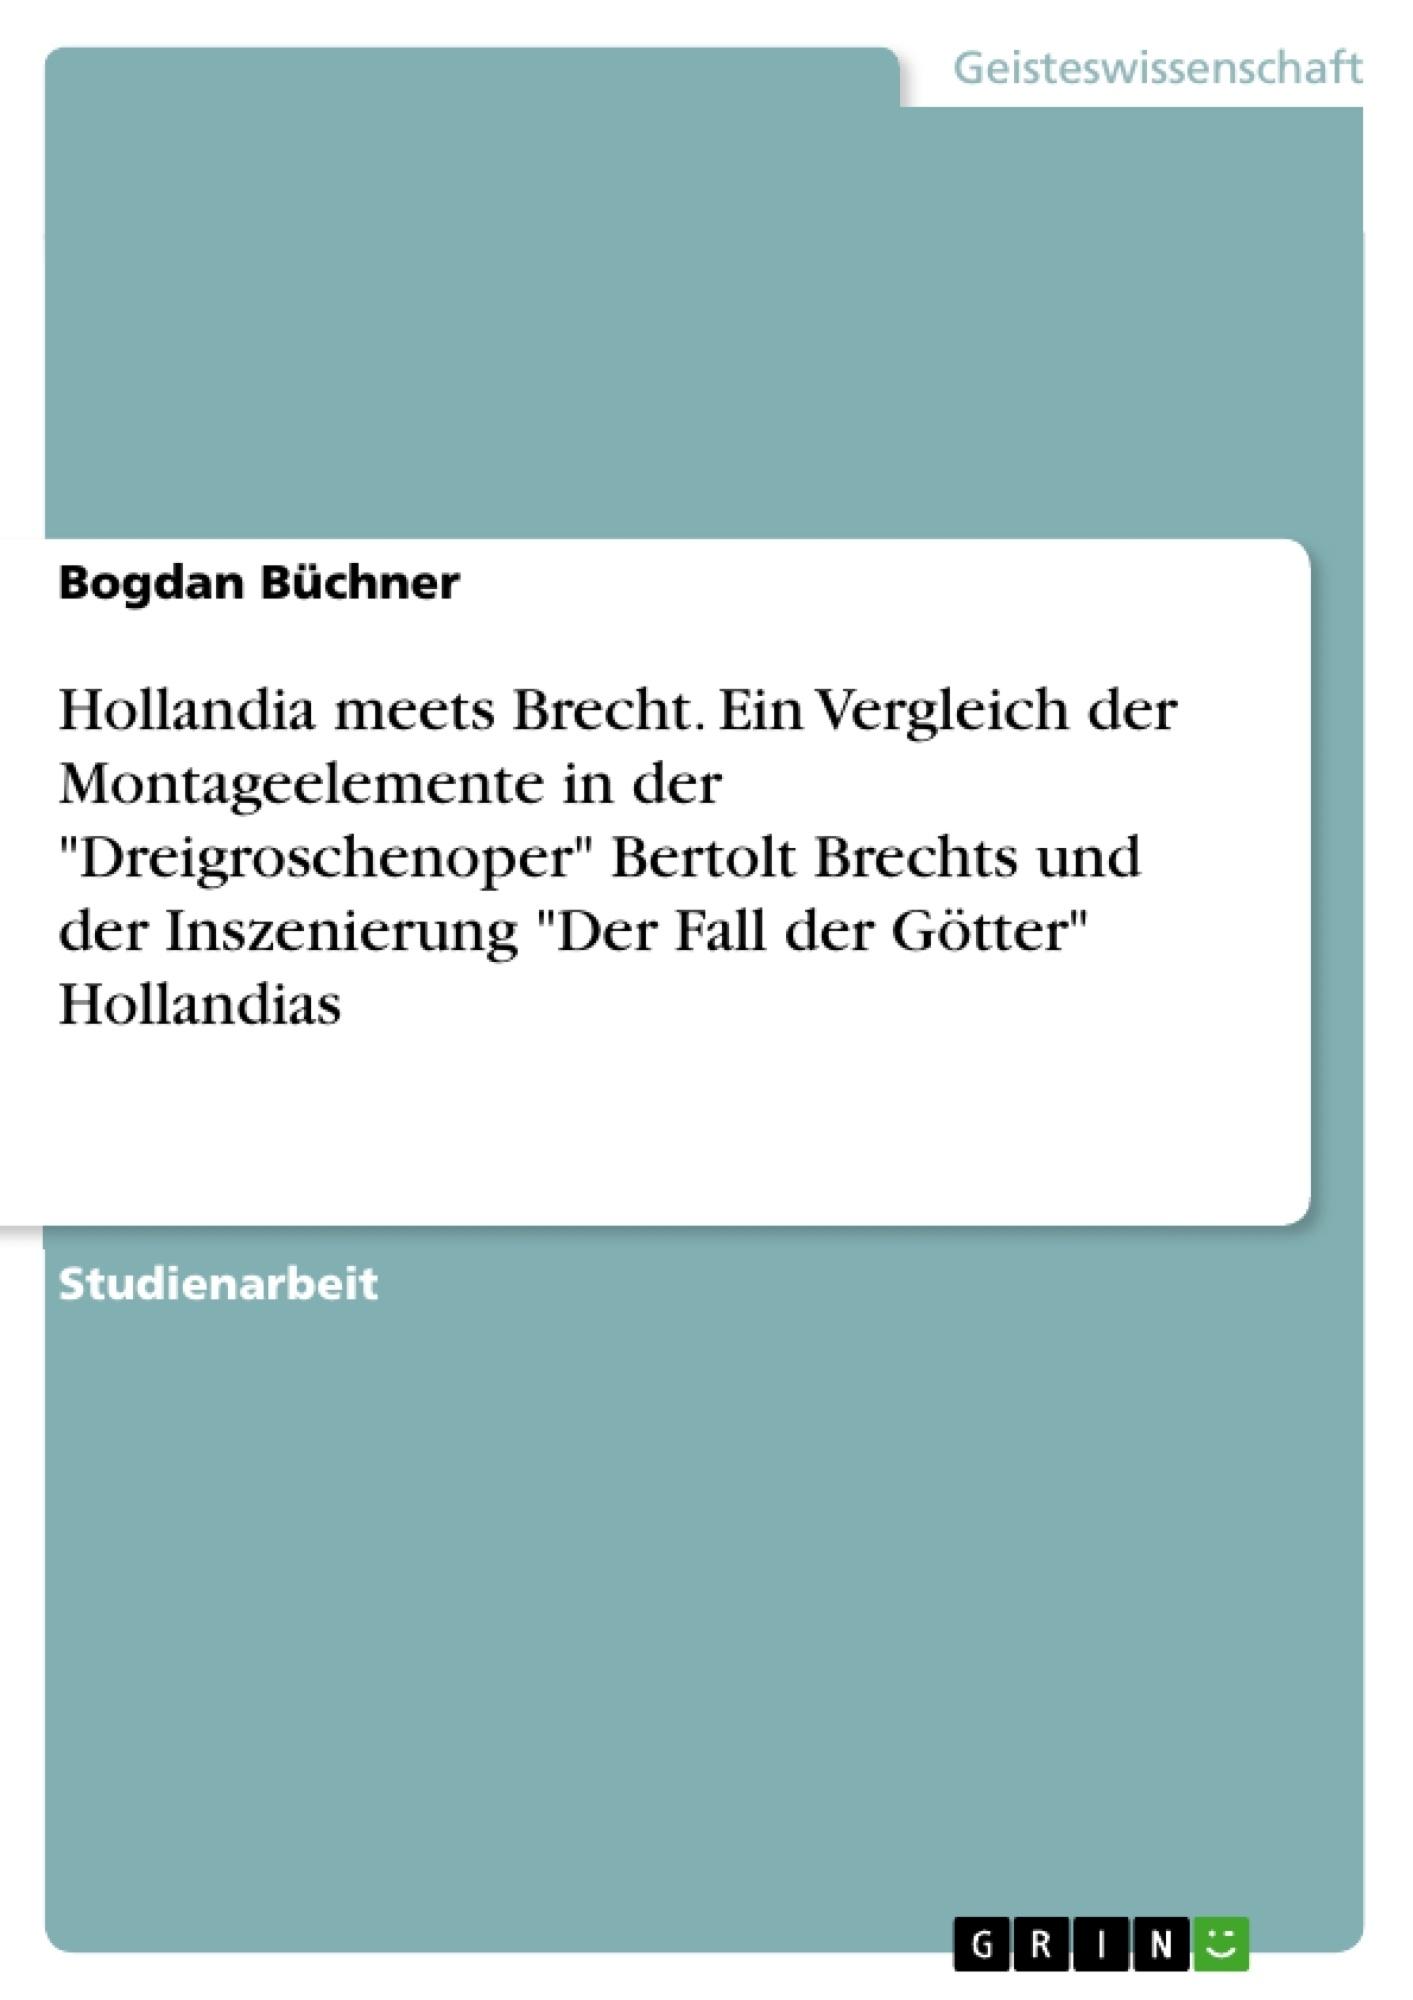 """Titel: Hollandia meets Brecht. Ein Vergleich der Montageelemente in der """"Dreigroschenoper"""" Bertolt Brechts und der Inszenierung """"Der Fall der Götter"""" Hollandias"""